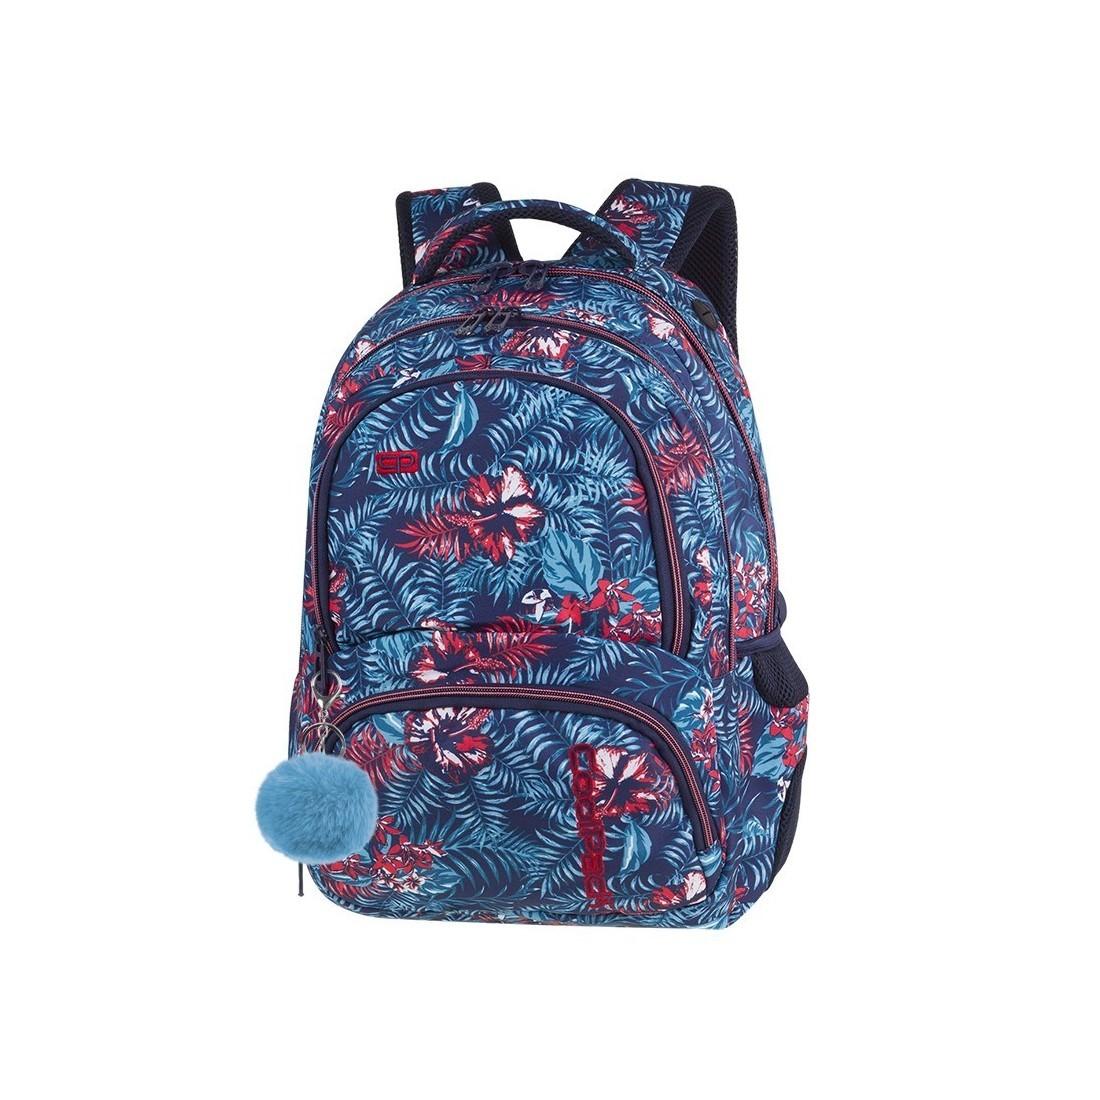 71cef14b83cbf Plecak szkolny CoolPack CP SPINER EMERALD JUNGLE niebieskie i czerwone  kwiaty A051